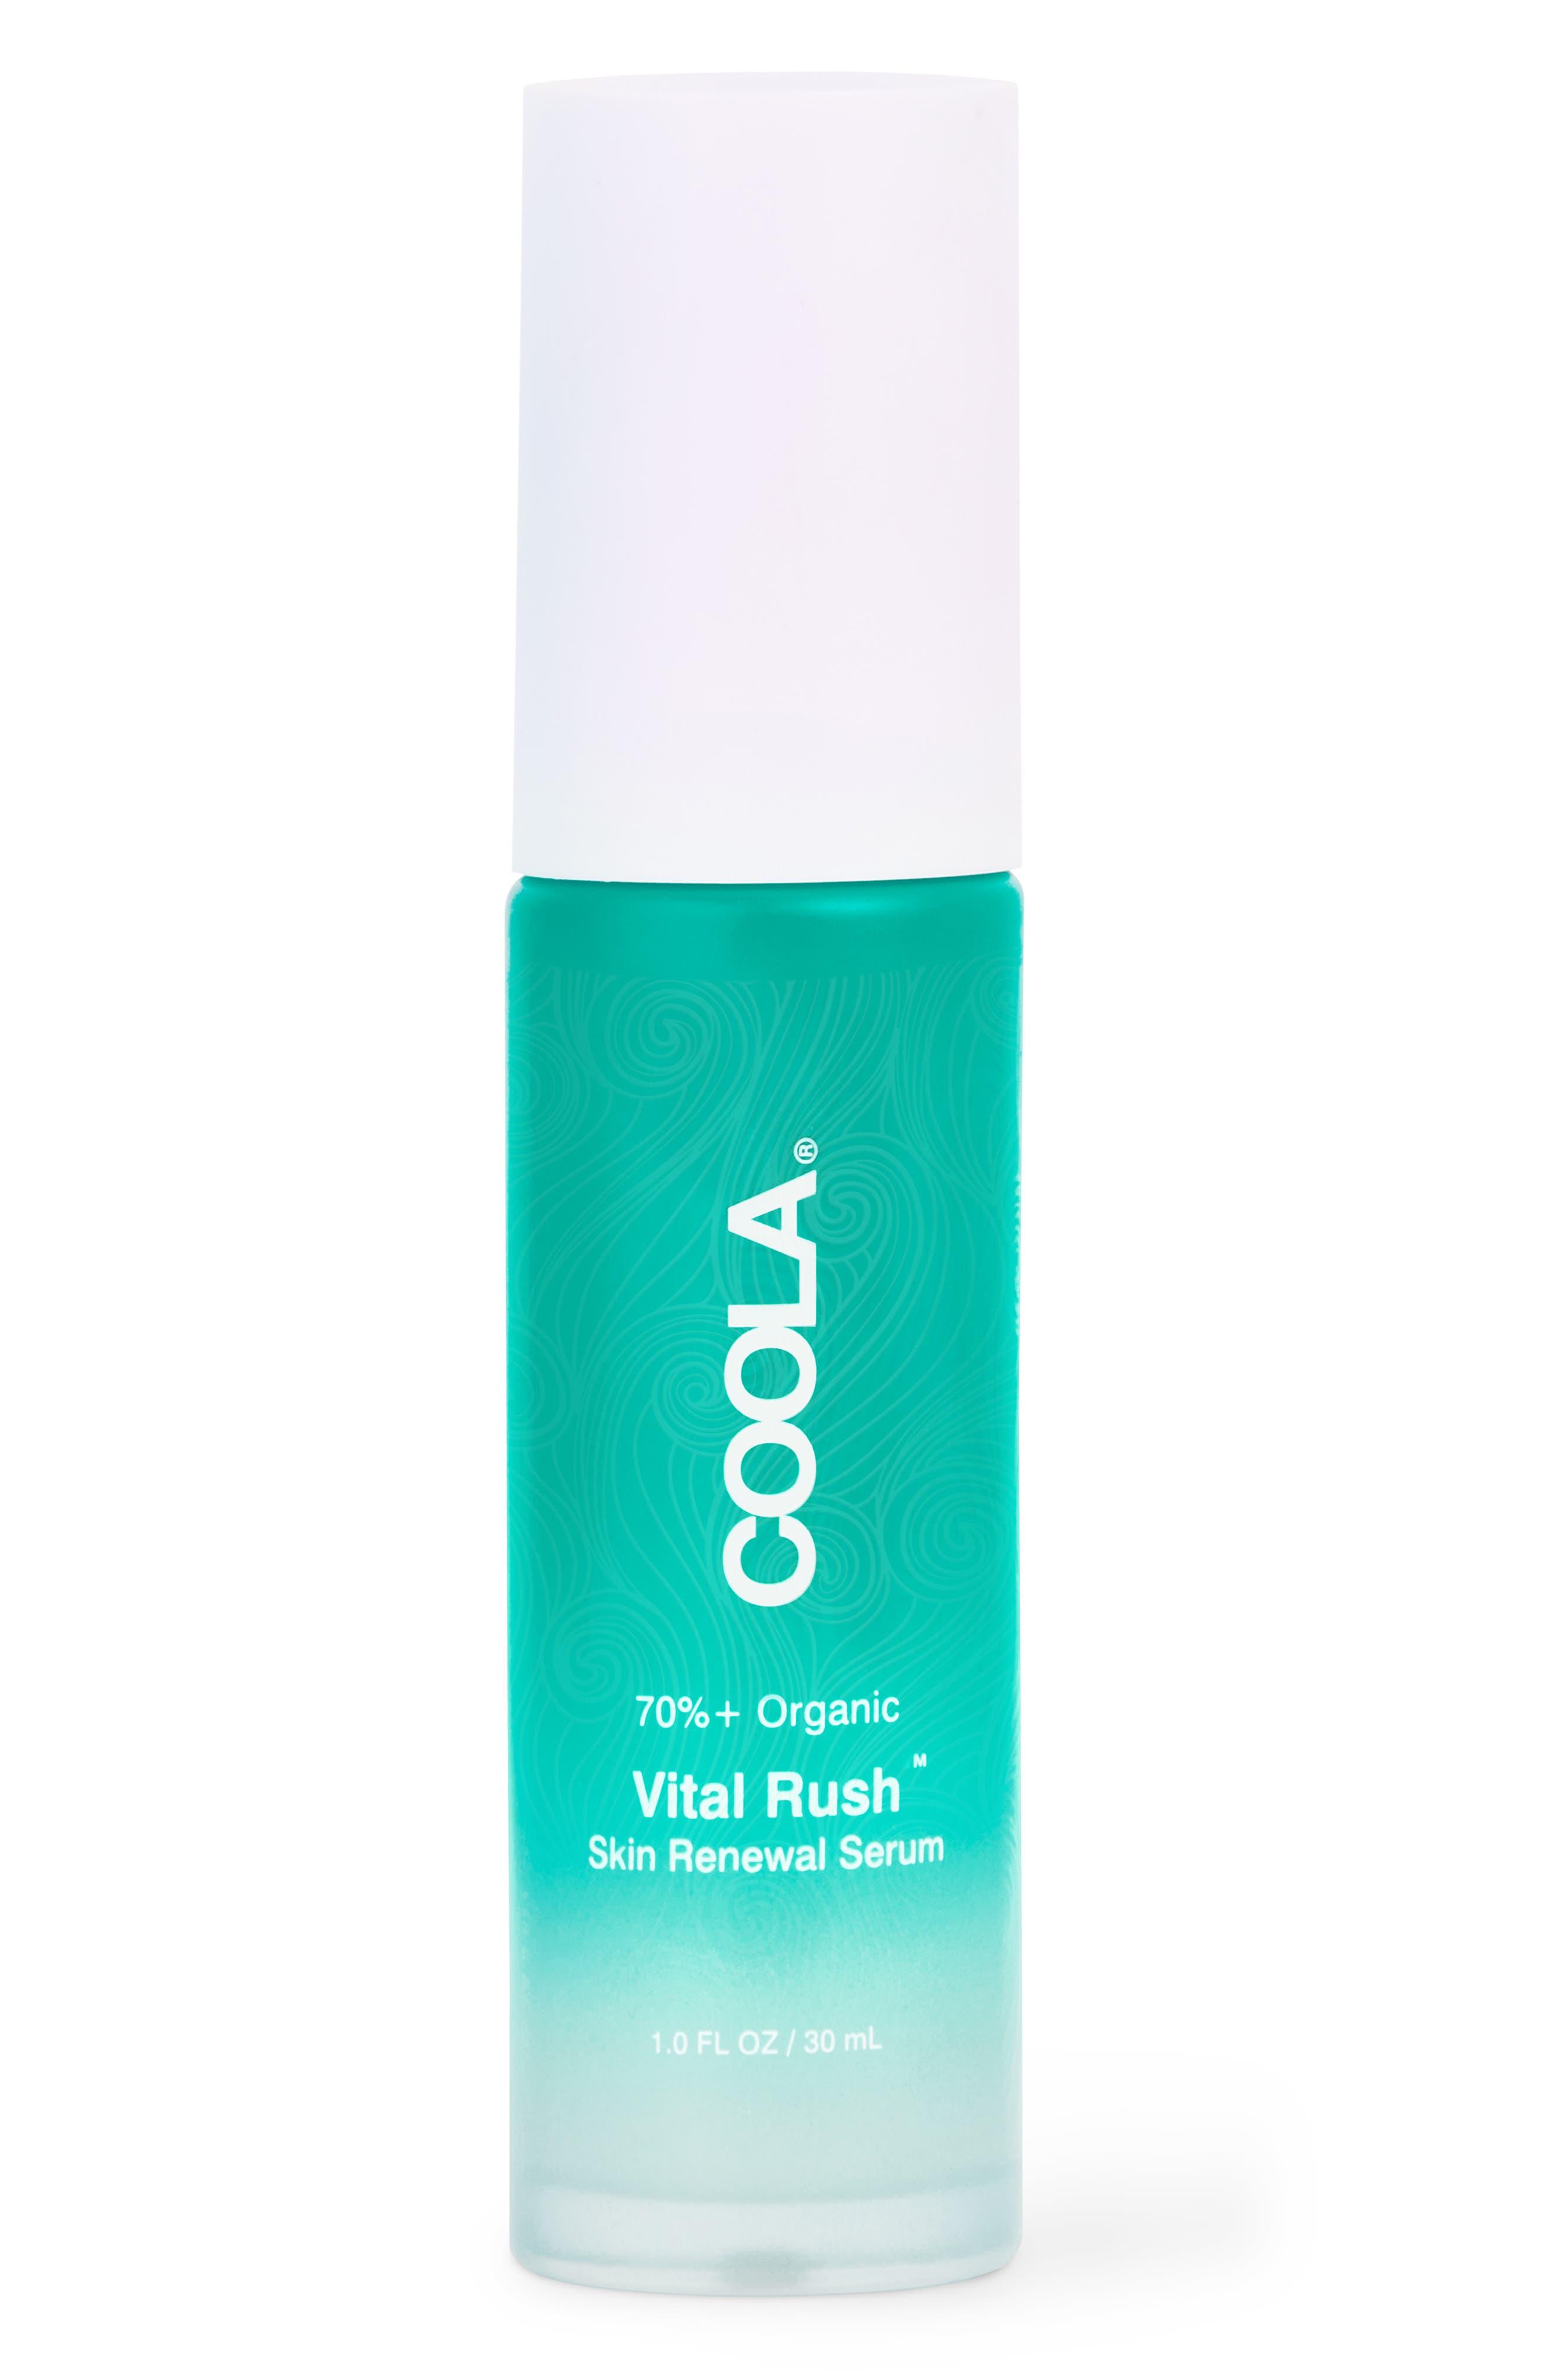 Coola Vital Rush Skin Renewal Serum